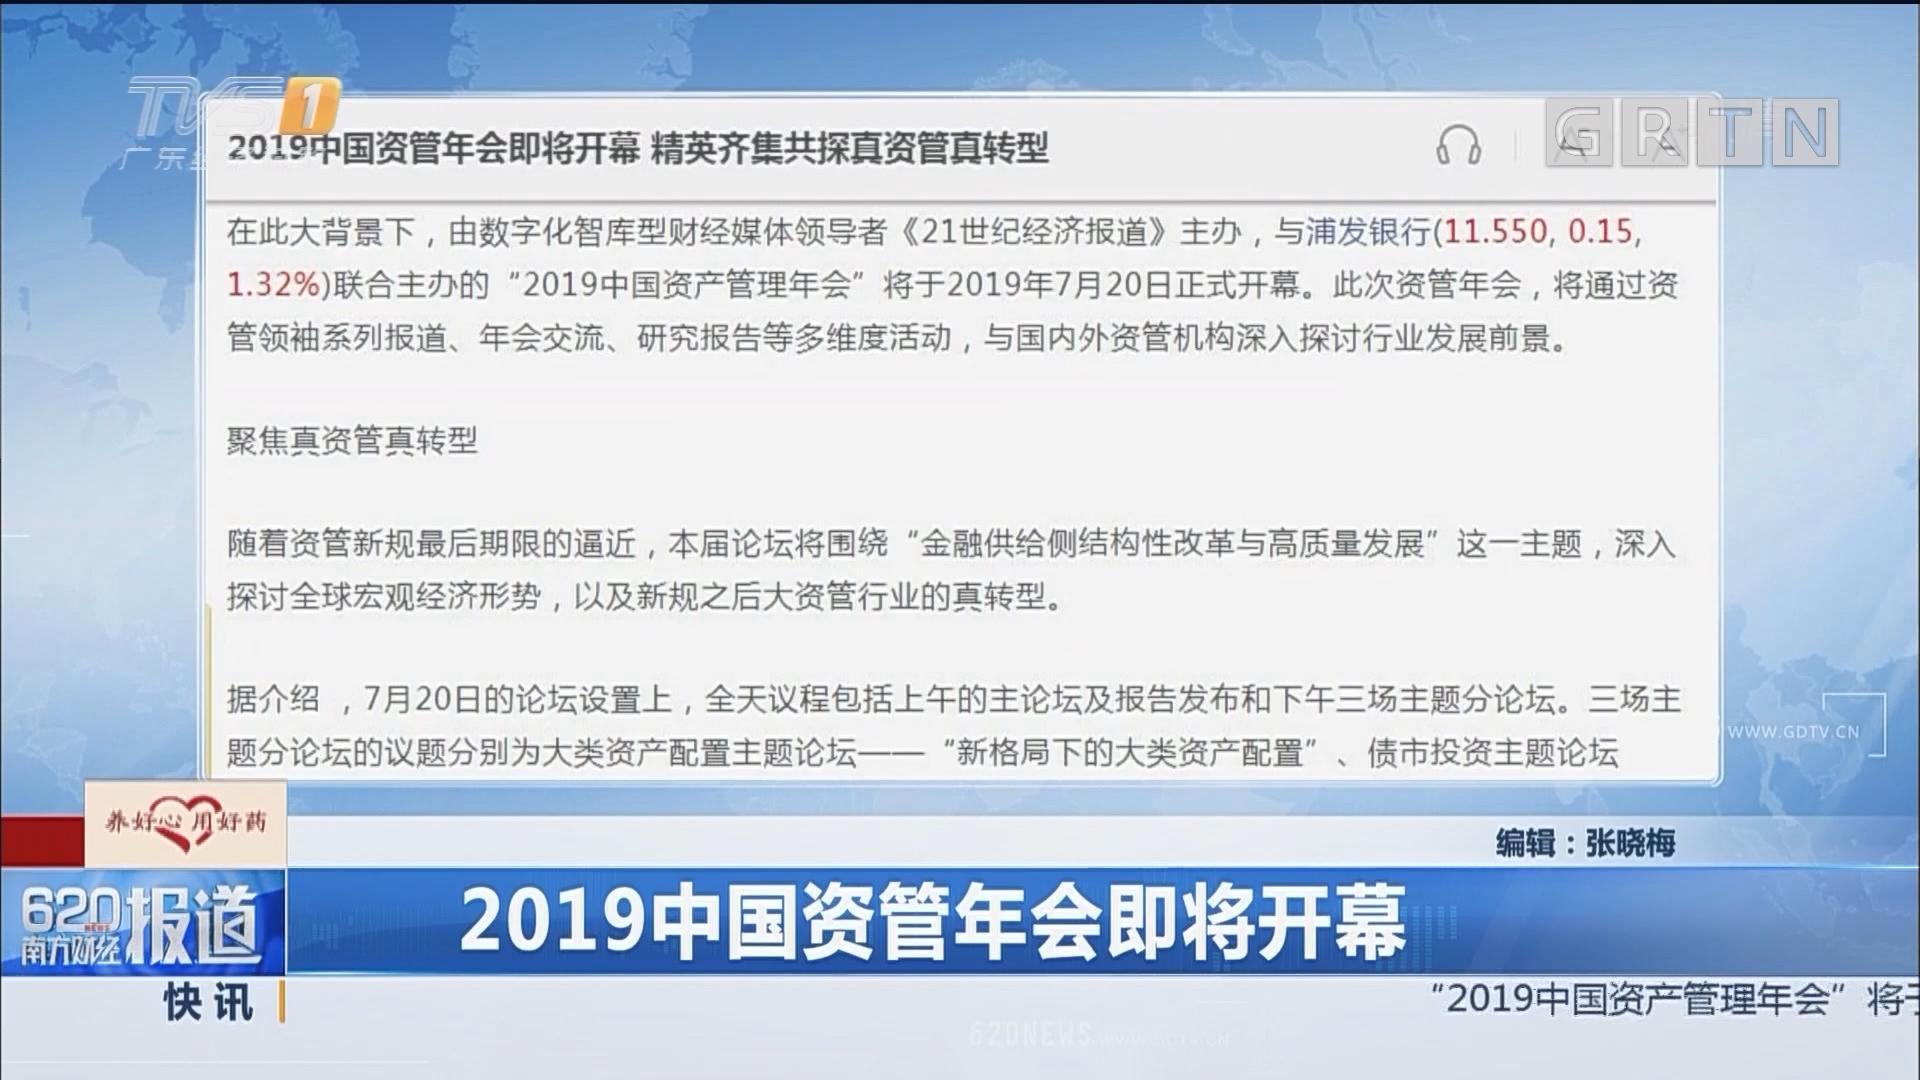 2019中国资管年会即将开幕